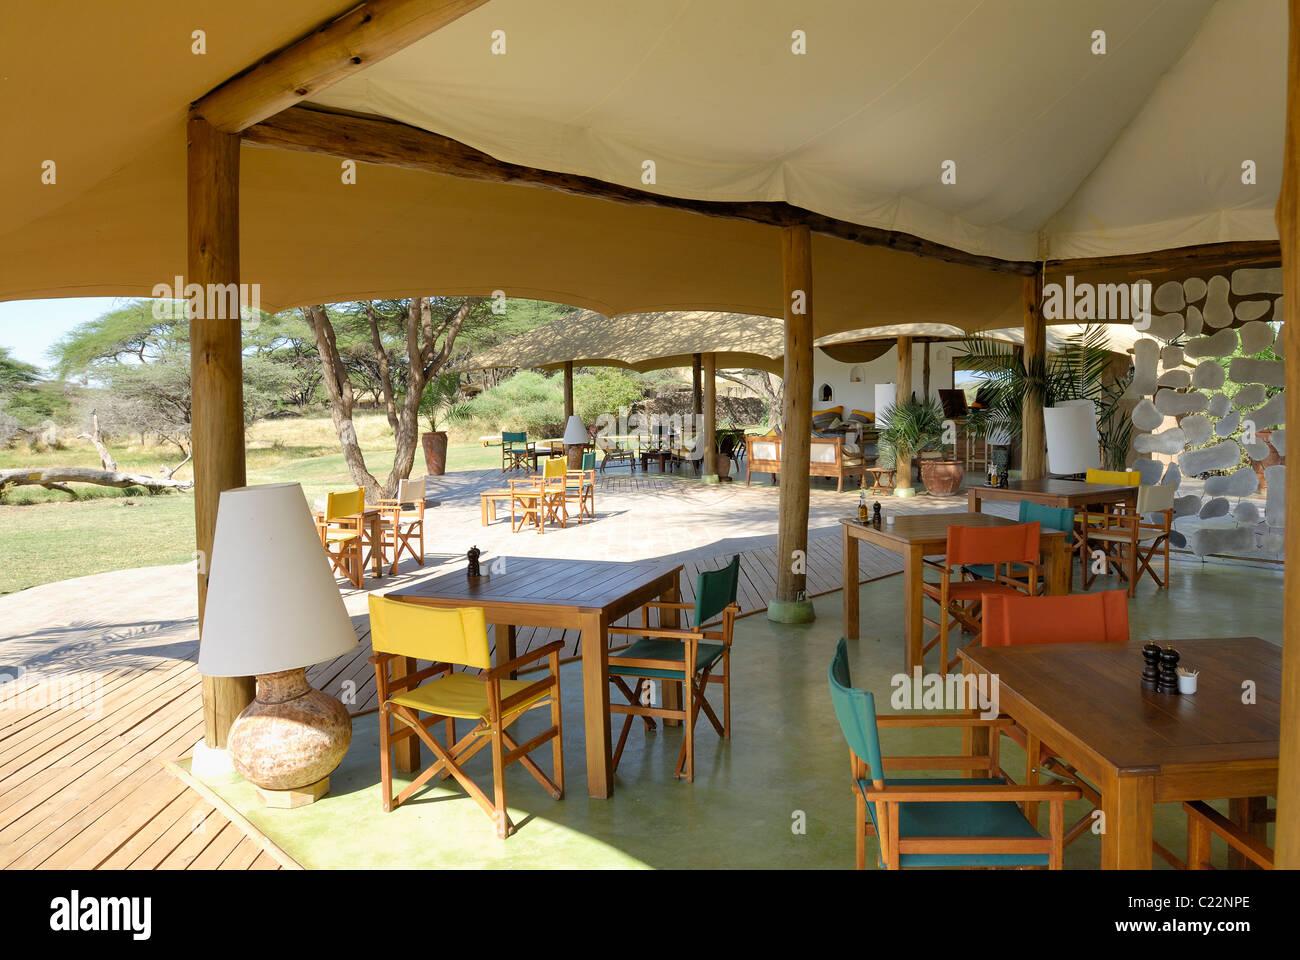 Wohnzimmer In Der Regel Lager Von Freude, Shaba Reserve, Samburu National  Park, Kenia, Afrika